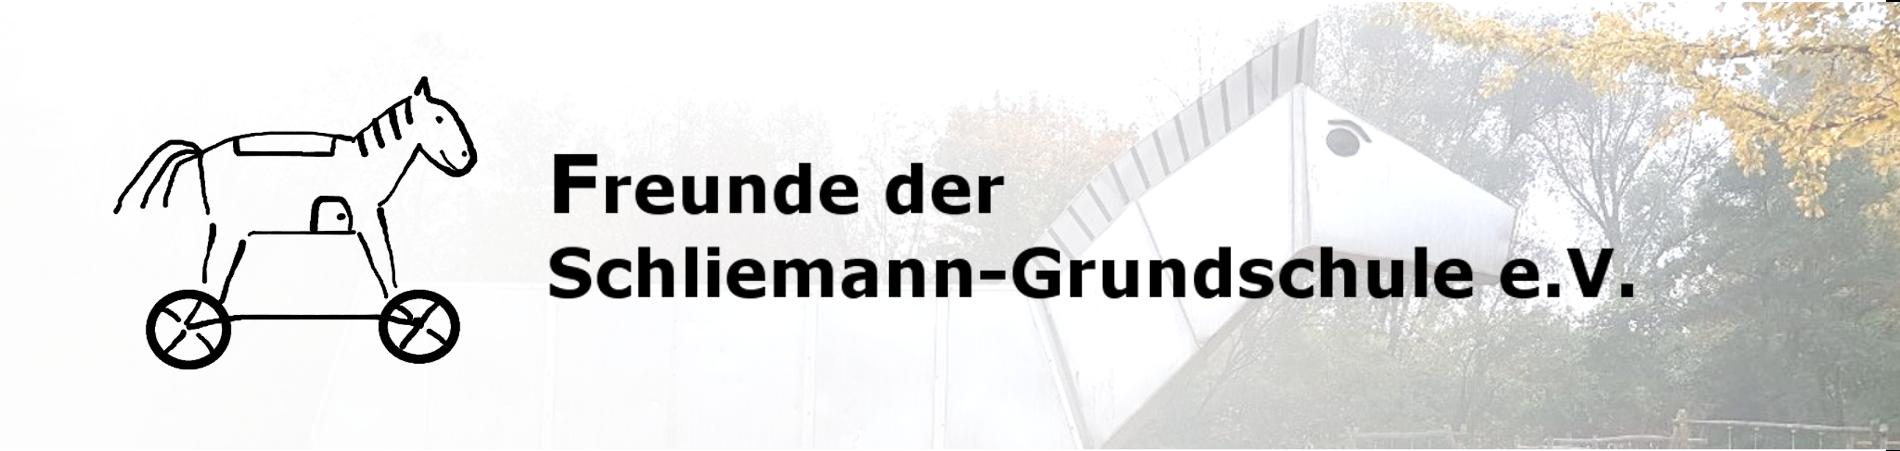 Freunde der Schliemann-Grundschule